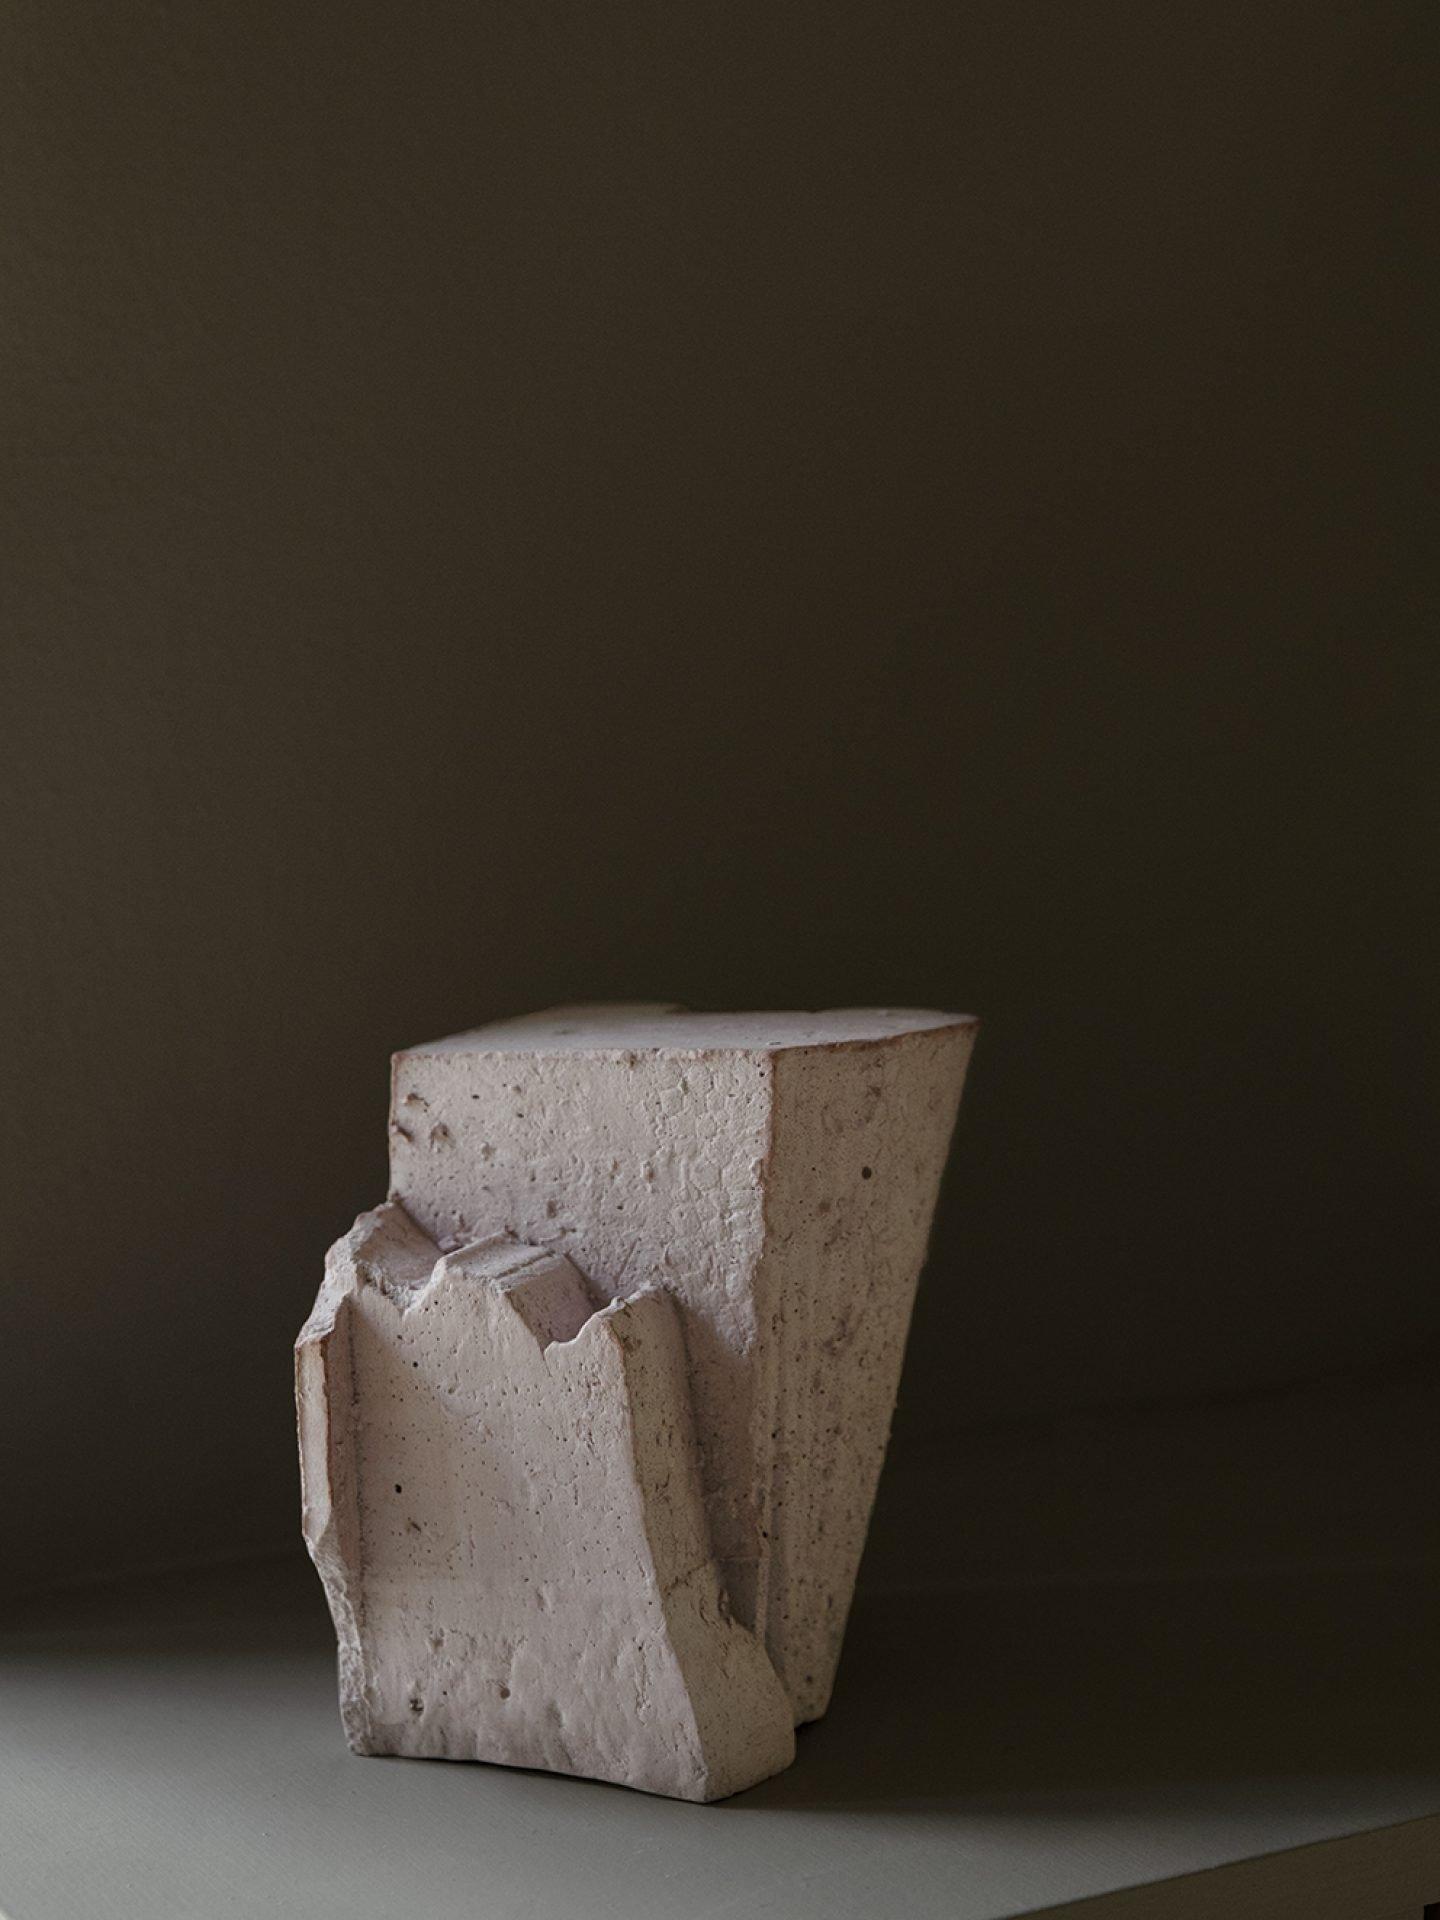 IGNANT-ART-Sculpture-Alium-05